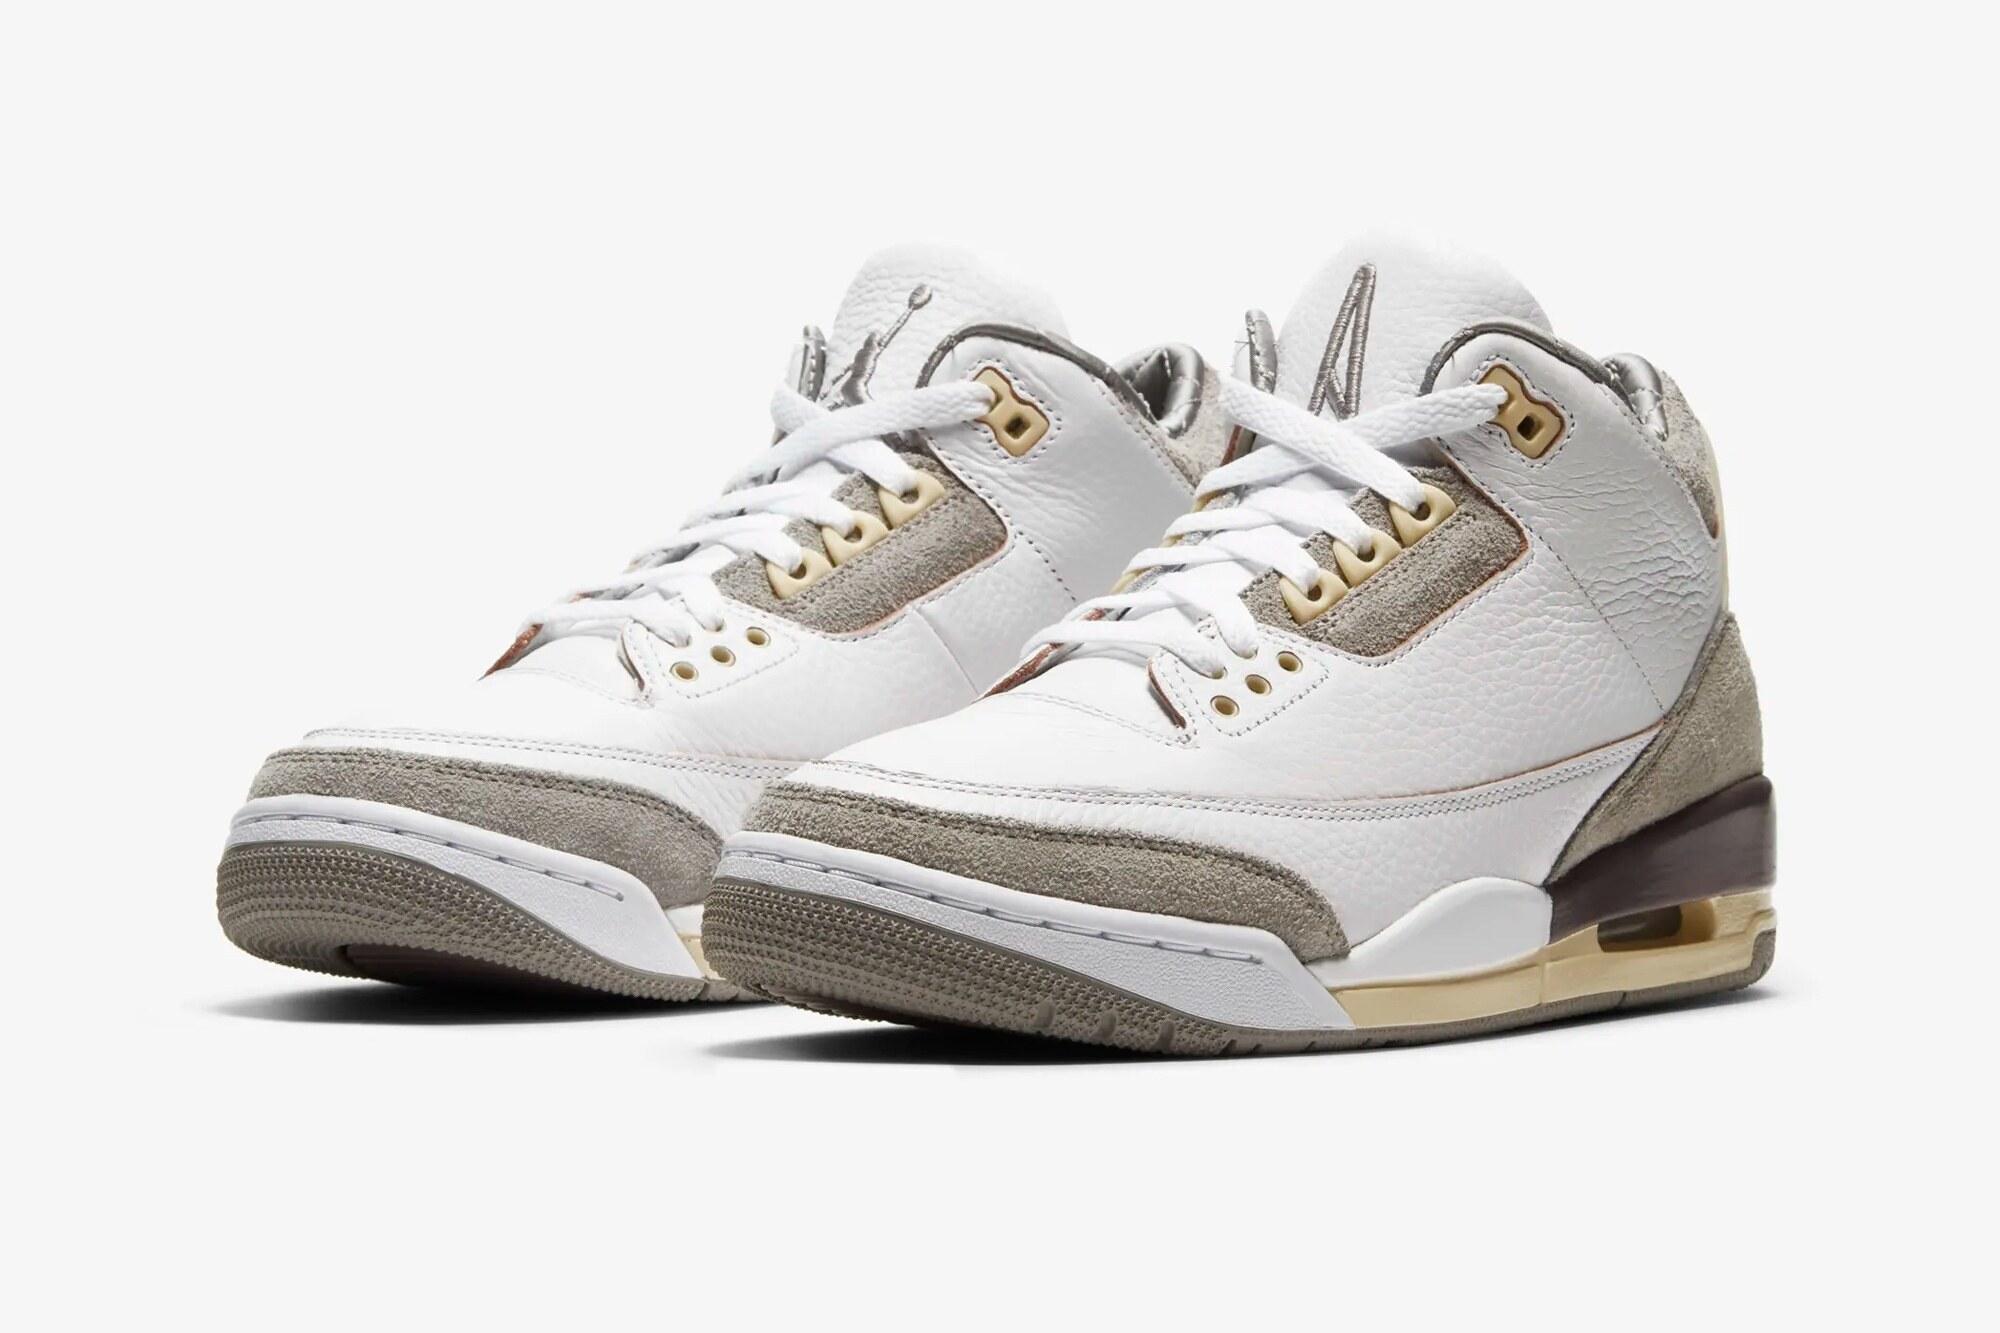 A Ma Maniu00e9re x Air Jordan 3 SP